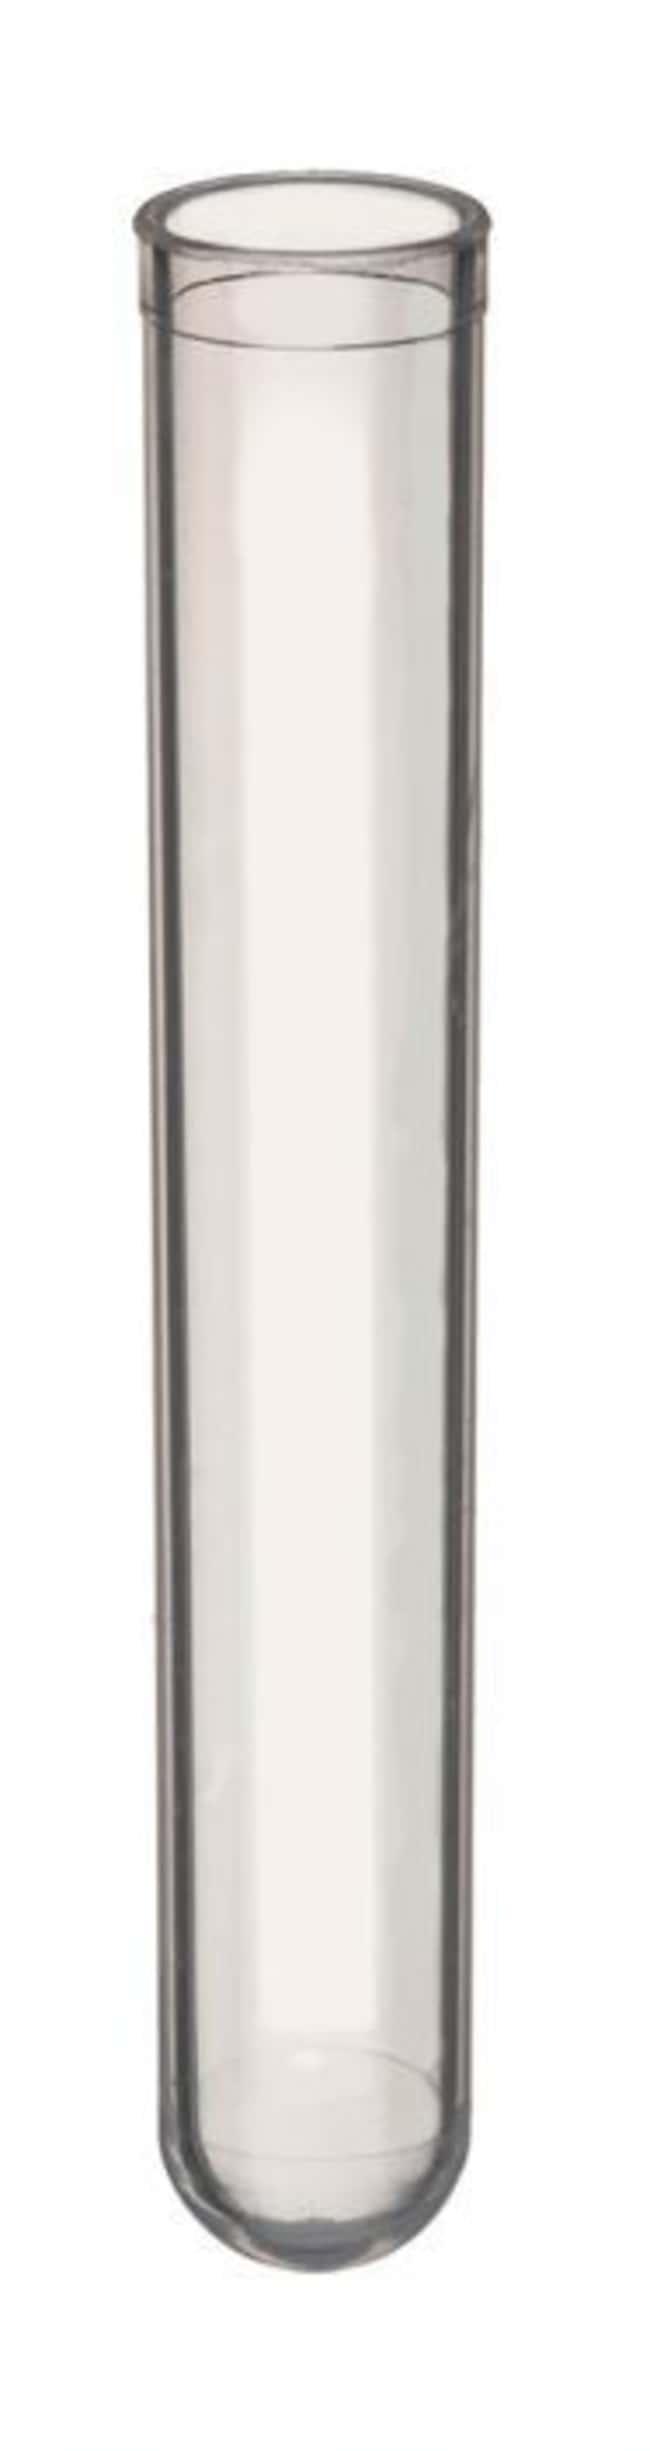 LabconSuperClear™ 12 x 75 mm Culture Tubes Non inclus; résine USP classe VI en polypropylène; 3000tubes par sachet/ 1 sachet par boîte voir les résultats